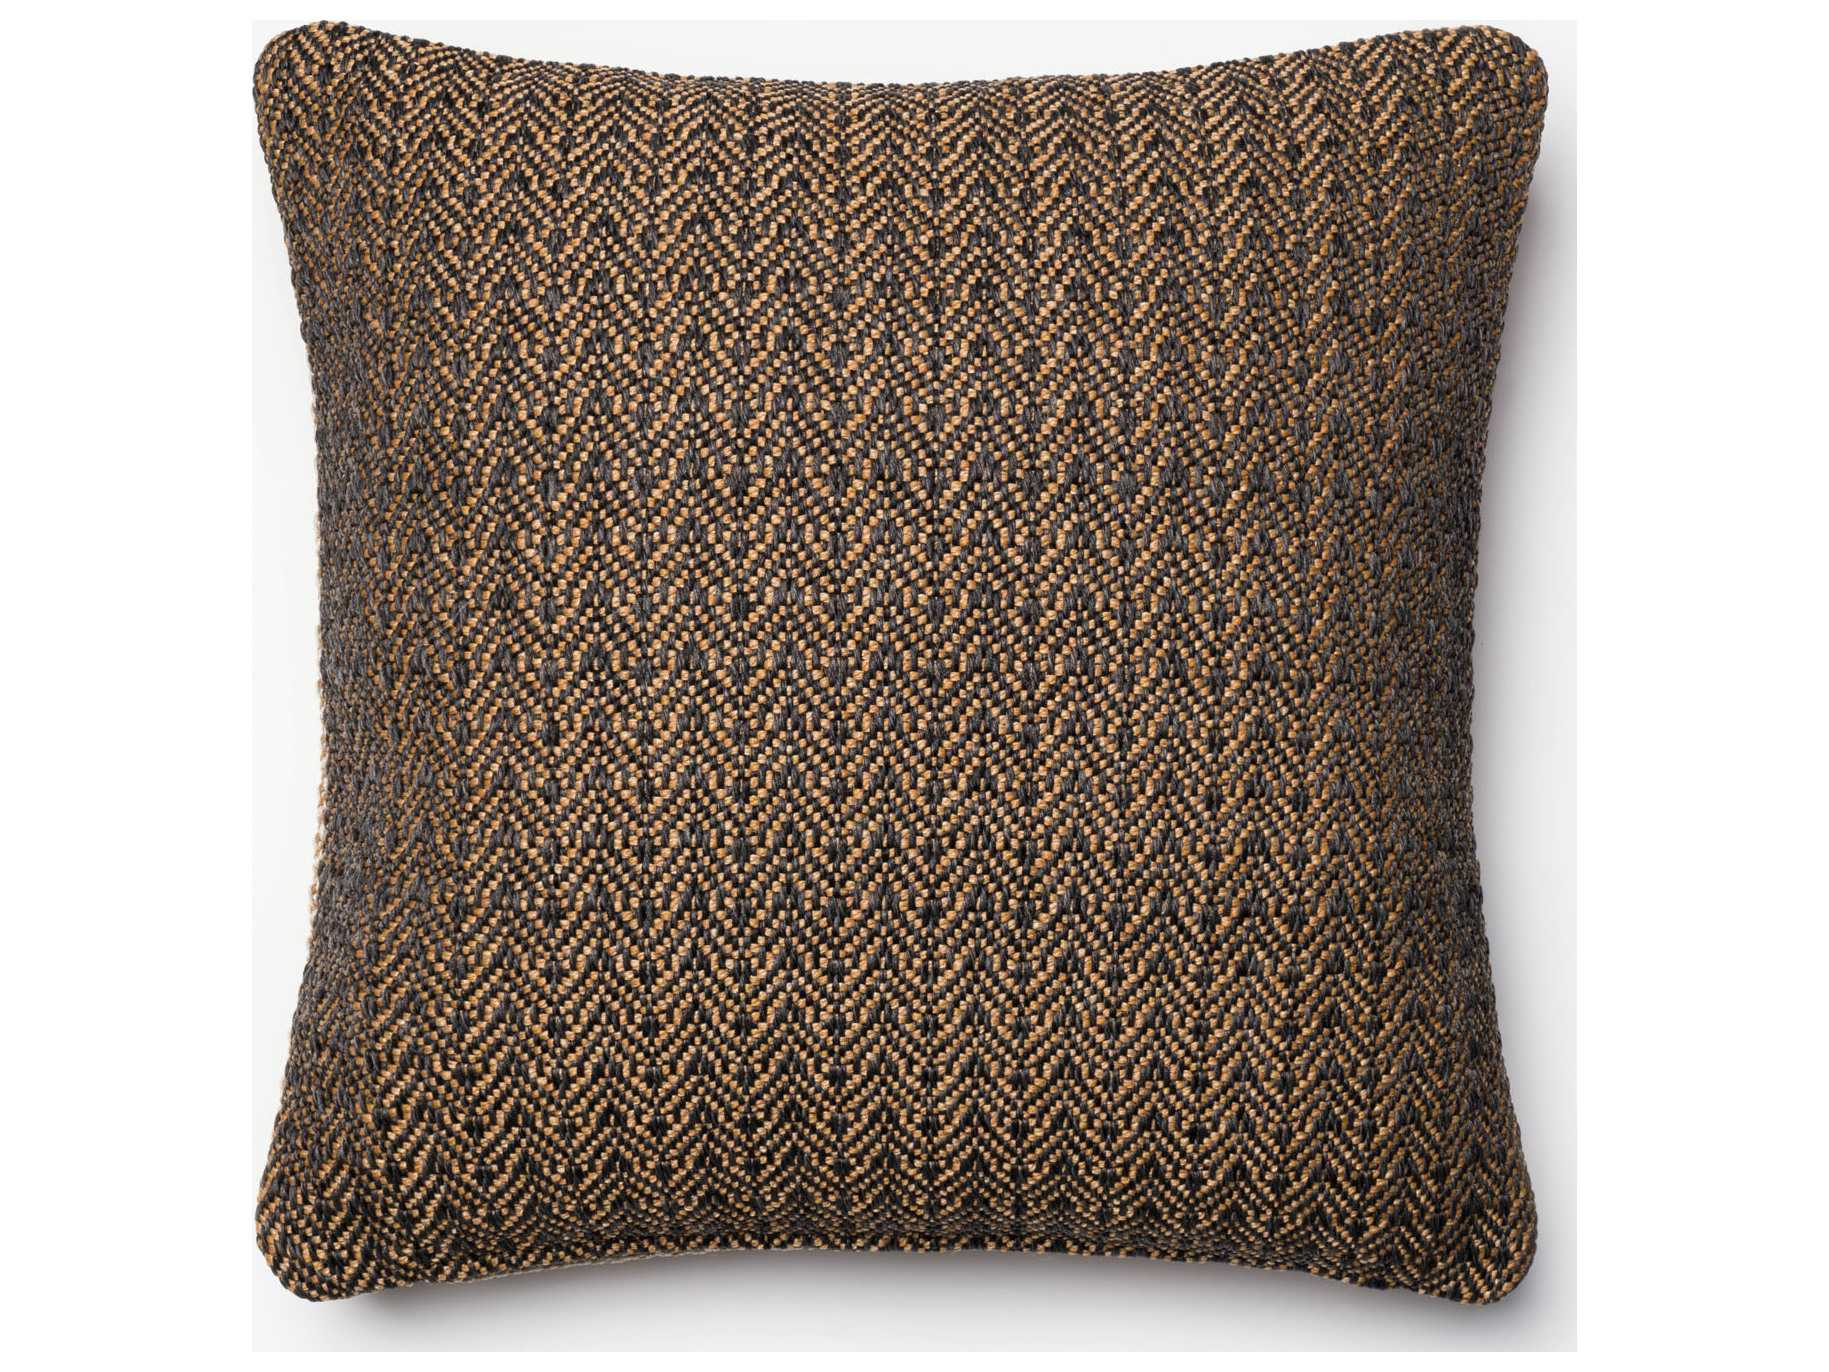 Loloi Rugs 18 39 39 Square Black Gold Pillow P0061blgopil1